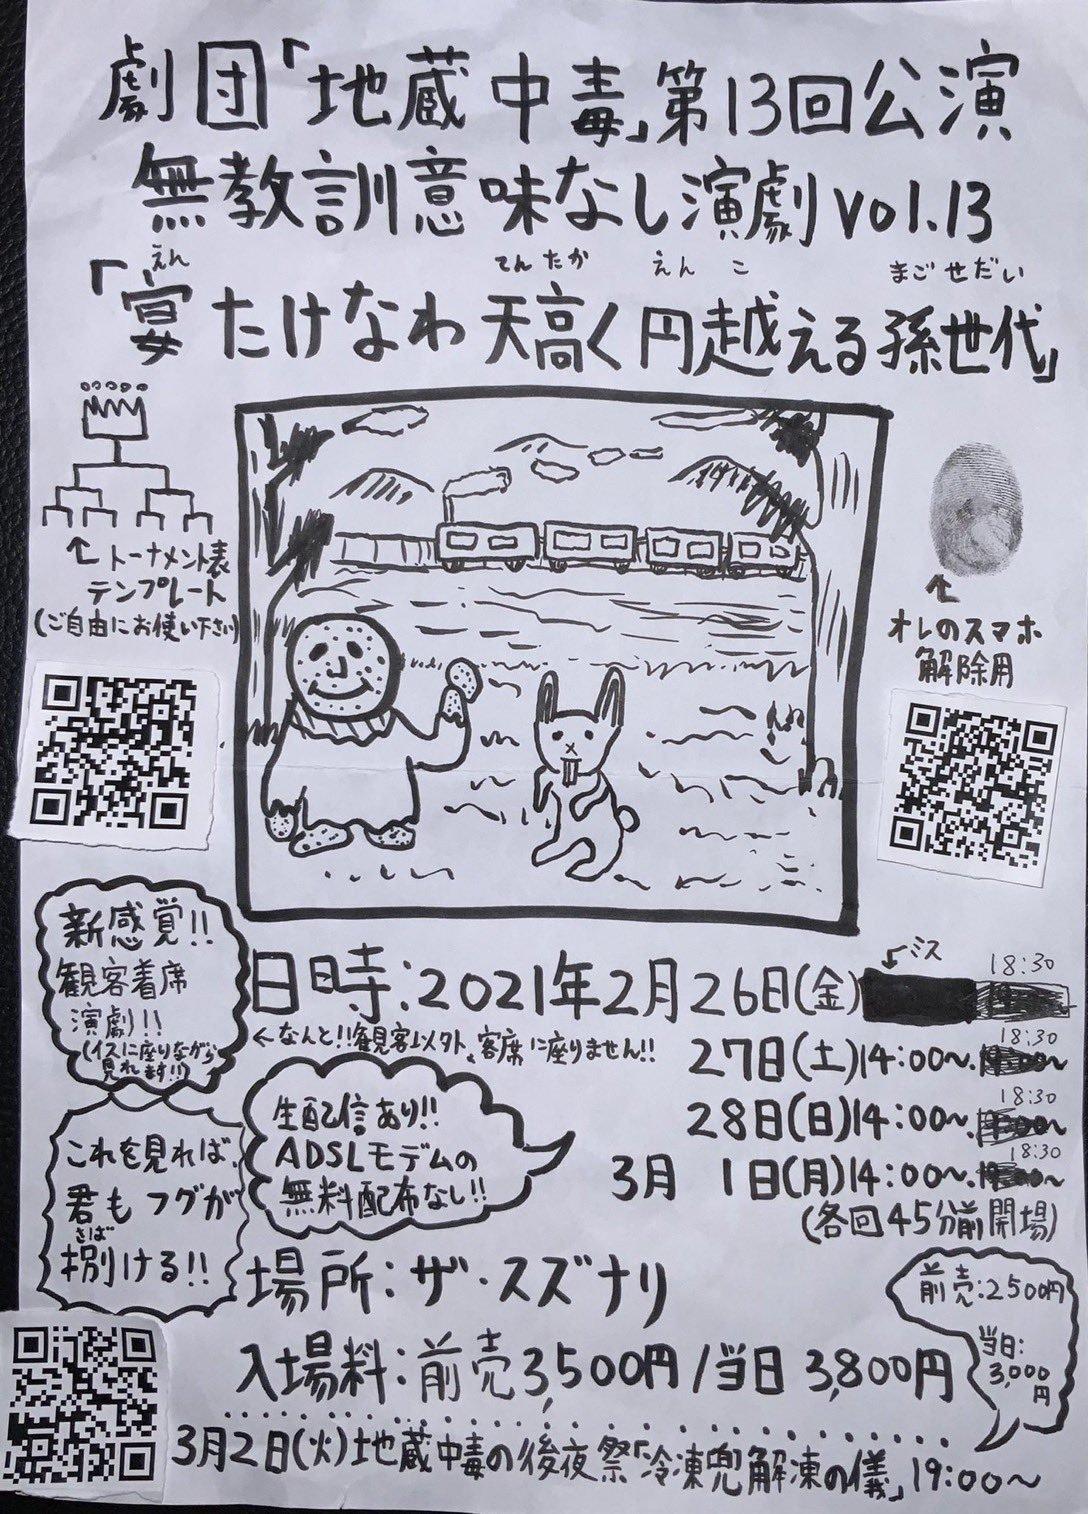 第十三回公演『宴たけなわ 天高く円越える 孫世代』フライヤー